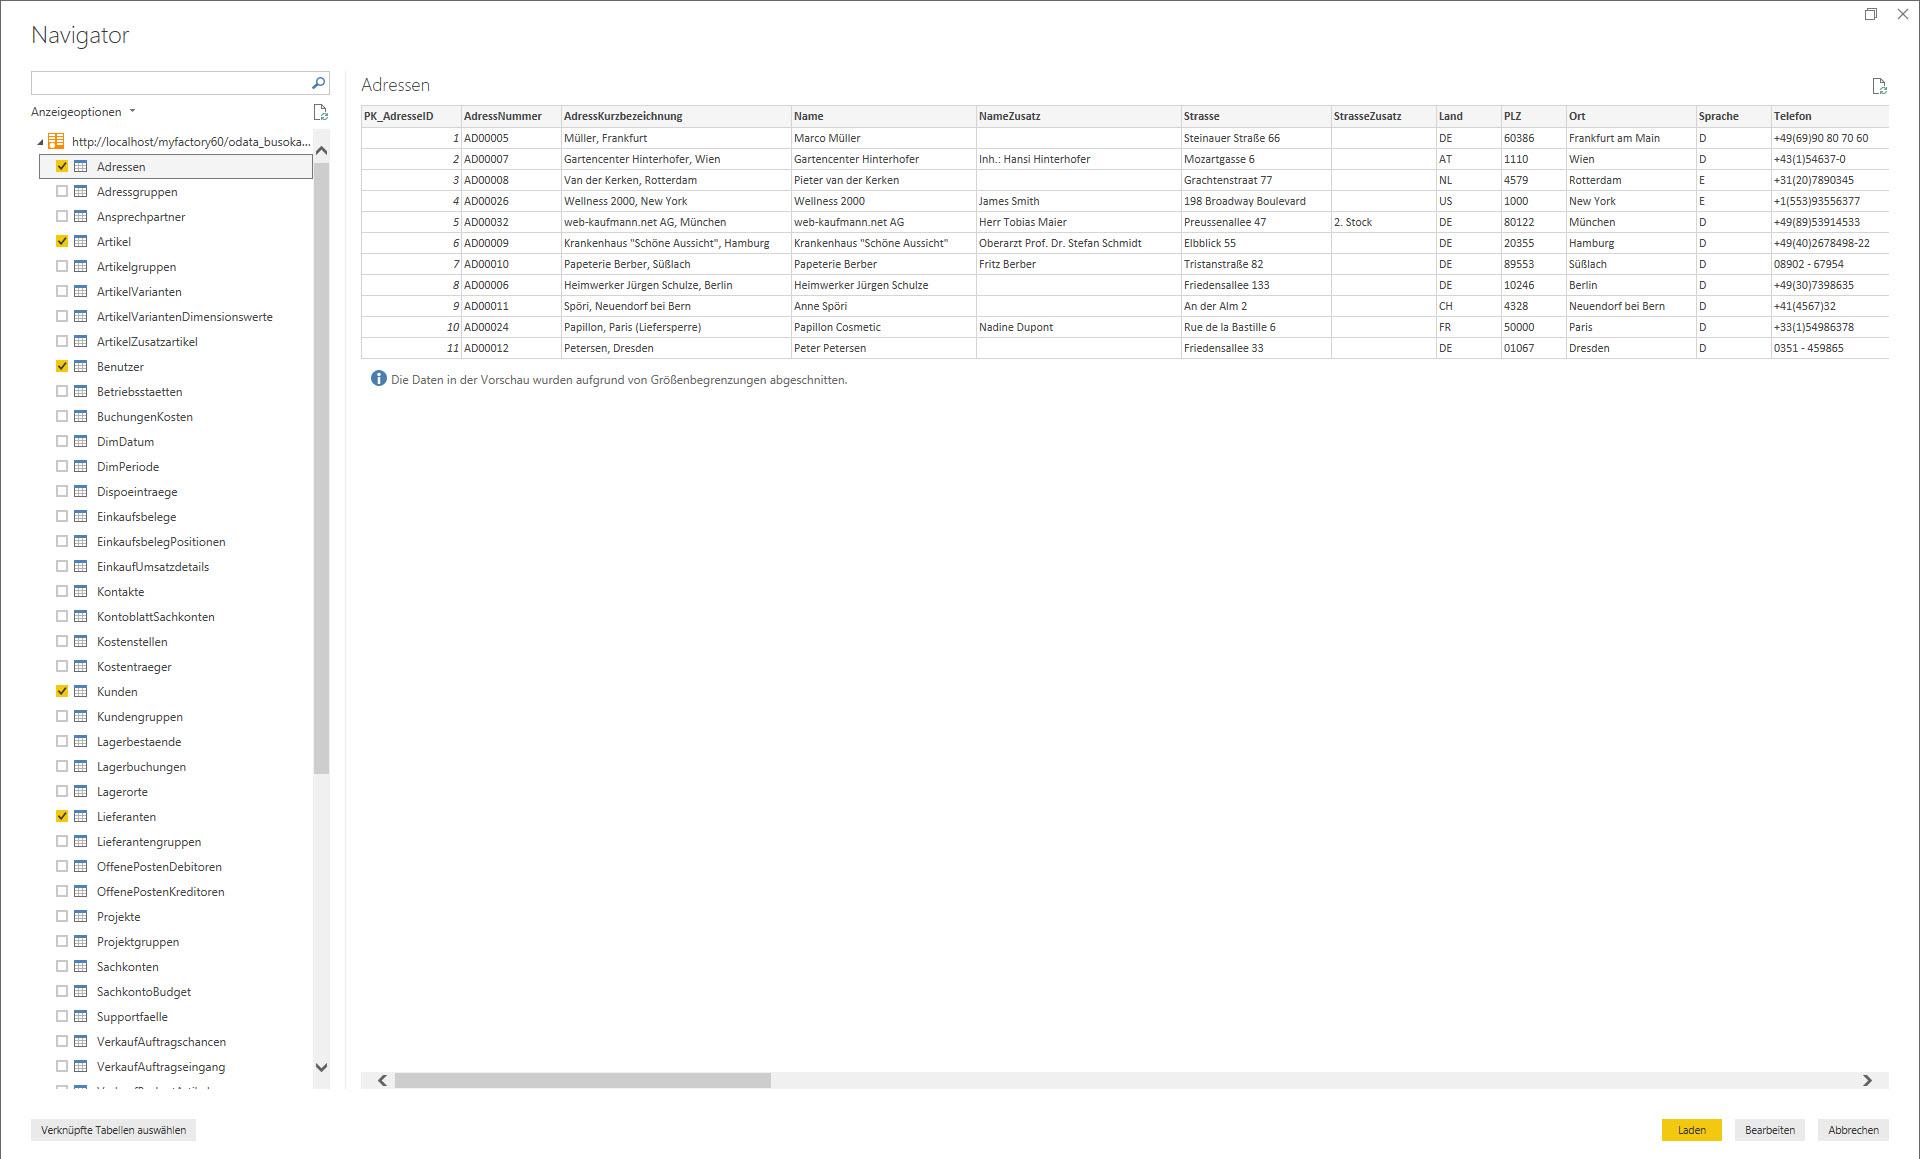 myfactory als Datenquelle: Die REST API für die Microsoft PowerBI-Auswertung nutzen 6